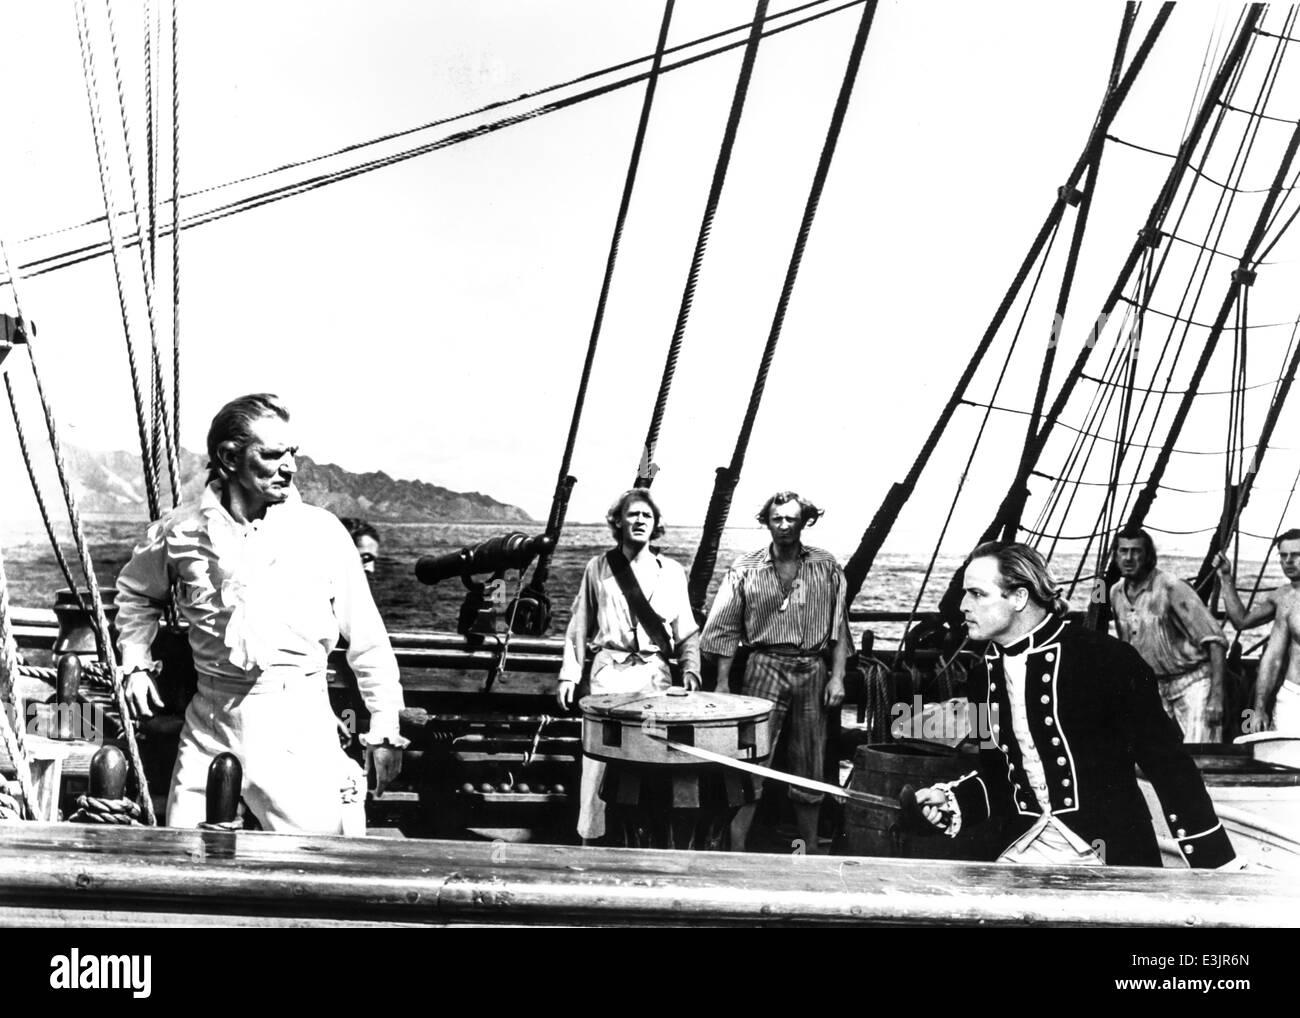 mutiny on the bounty,marlon brando and trevor howard,1962 - Stock Image